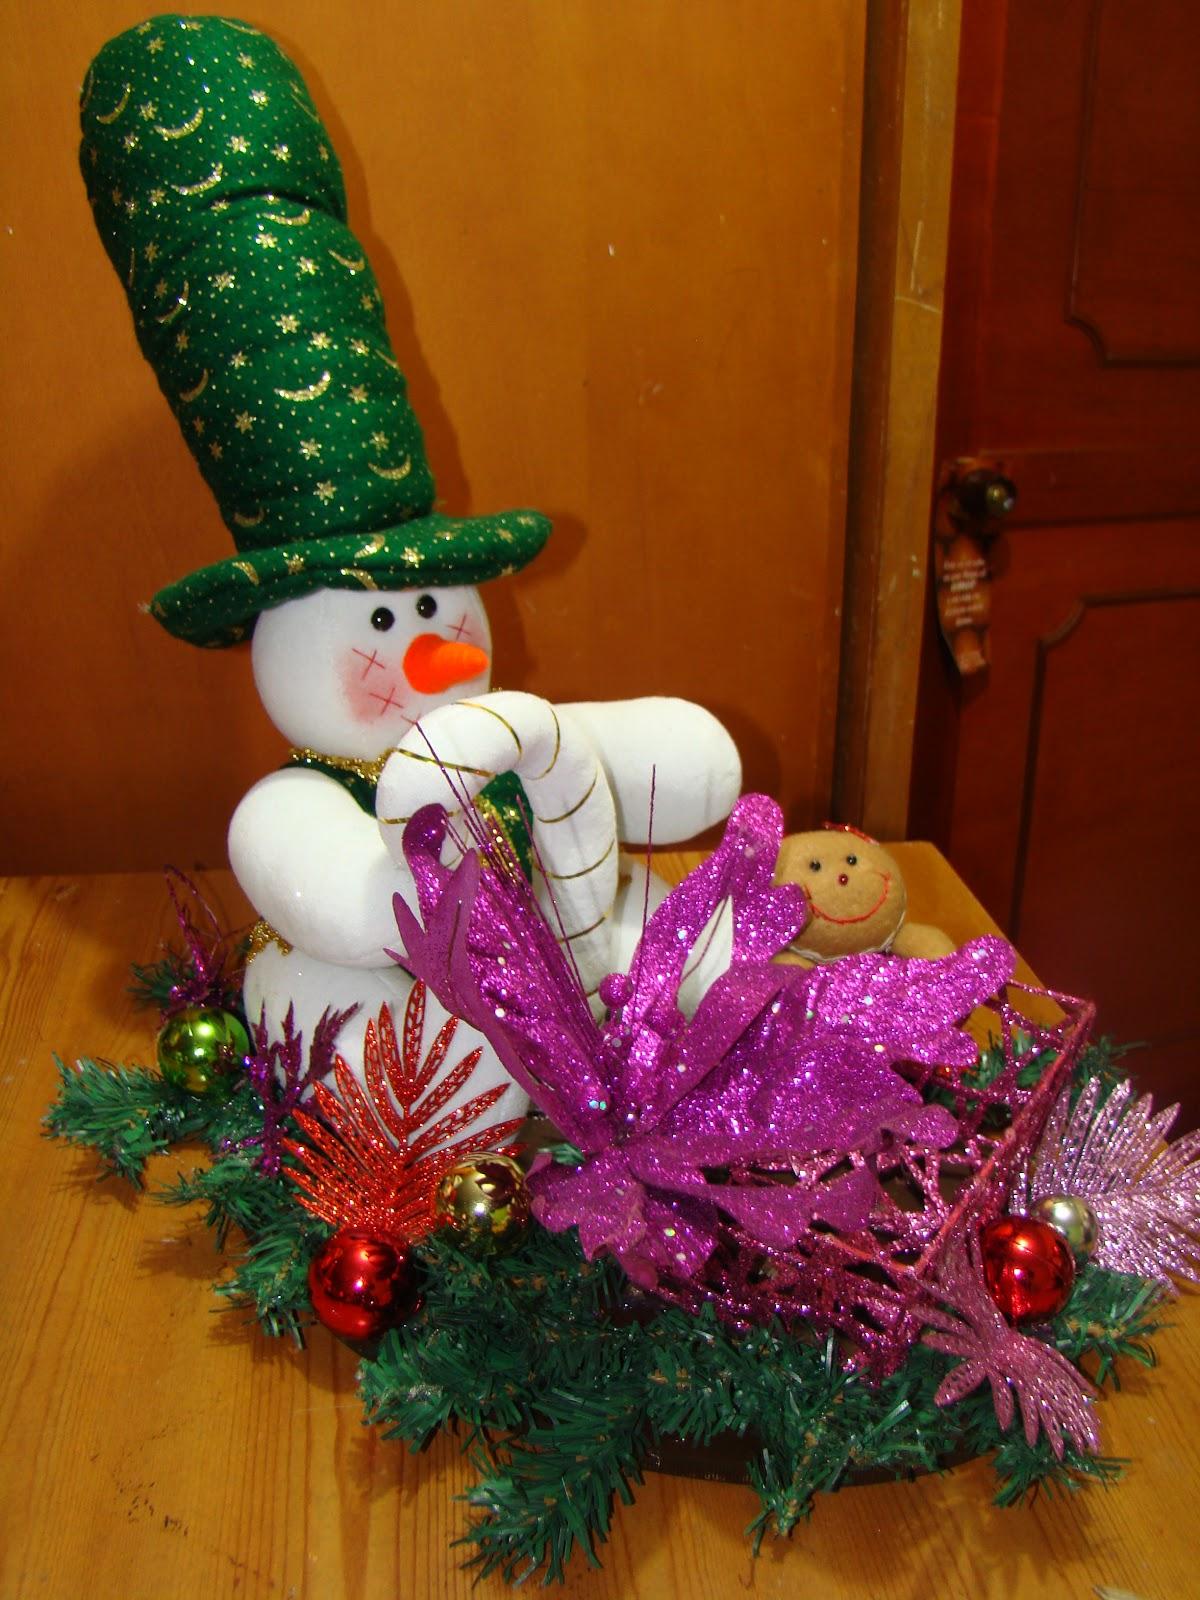 Arreglos navide os artesanias navide as - Arreglos navidenos para mesa ...